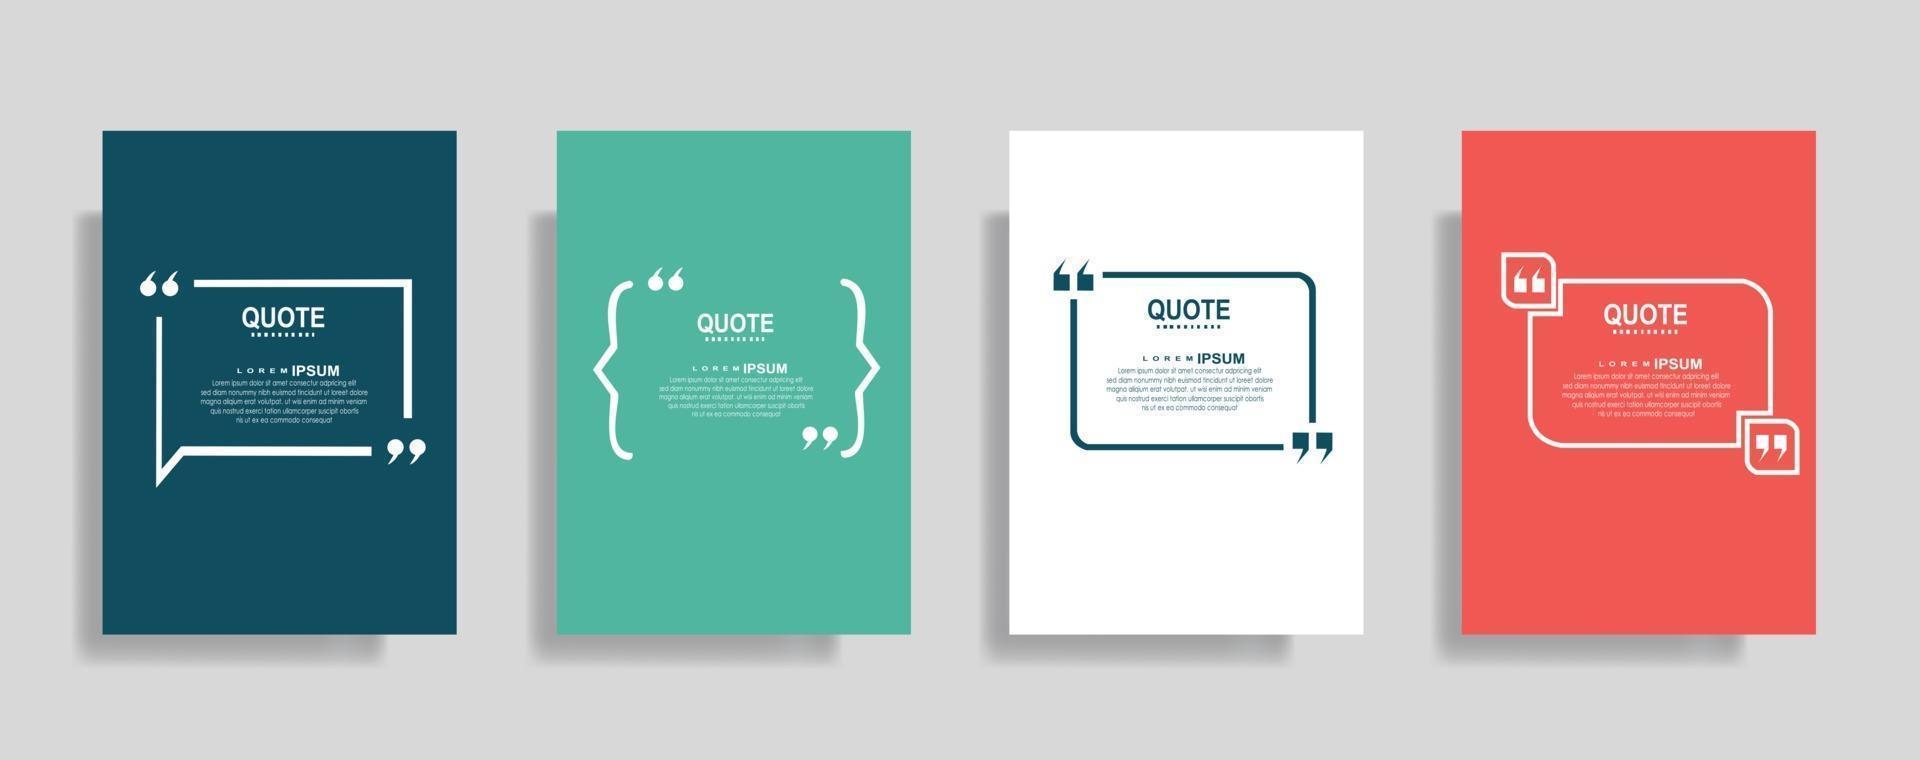 citaten frame lege sjablonen set. tekst tussen haakjes, citaat lege tekstballonnen. tekstvak geïsoleerd op een achtergrond in kleur vector